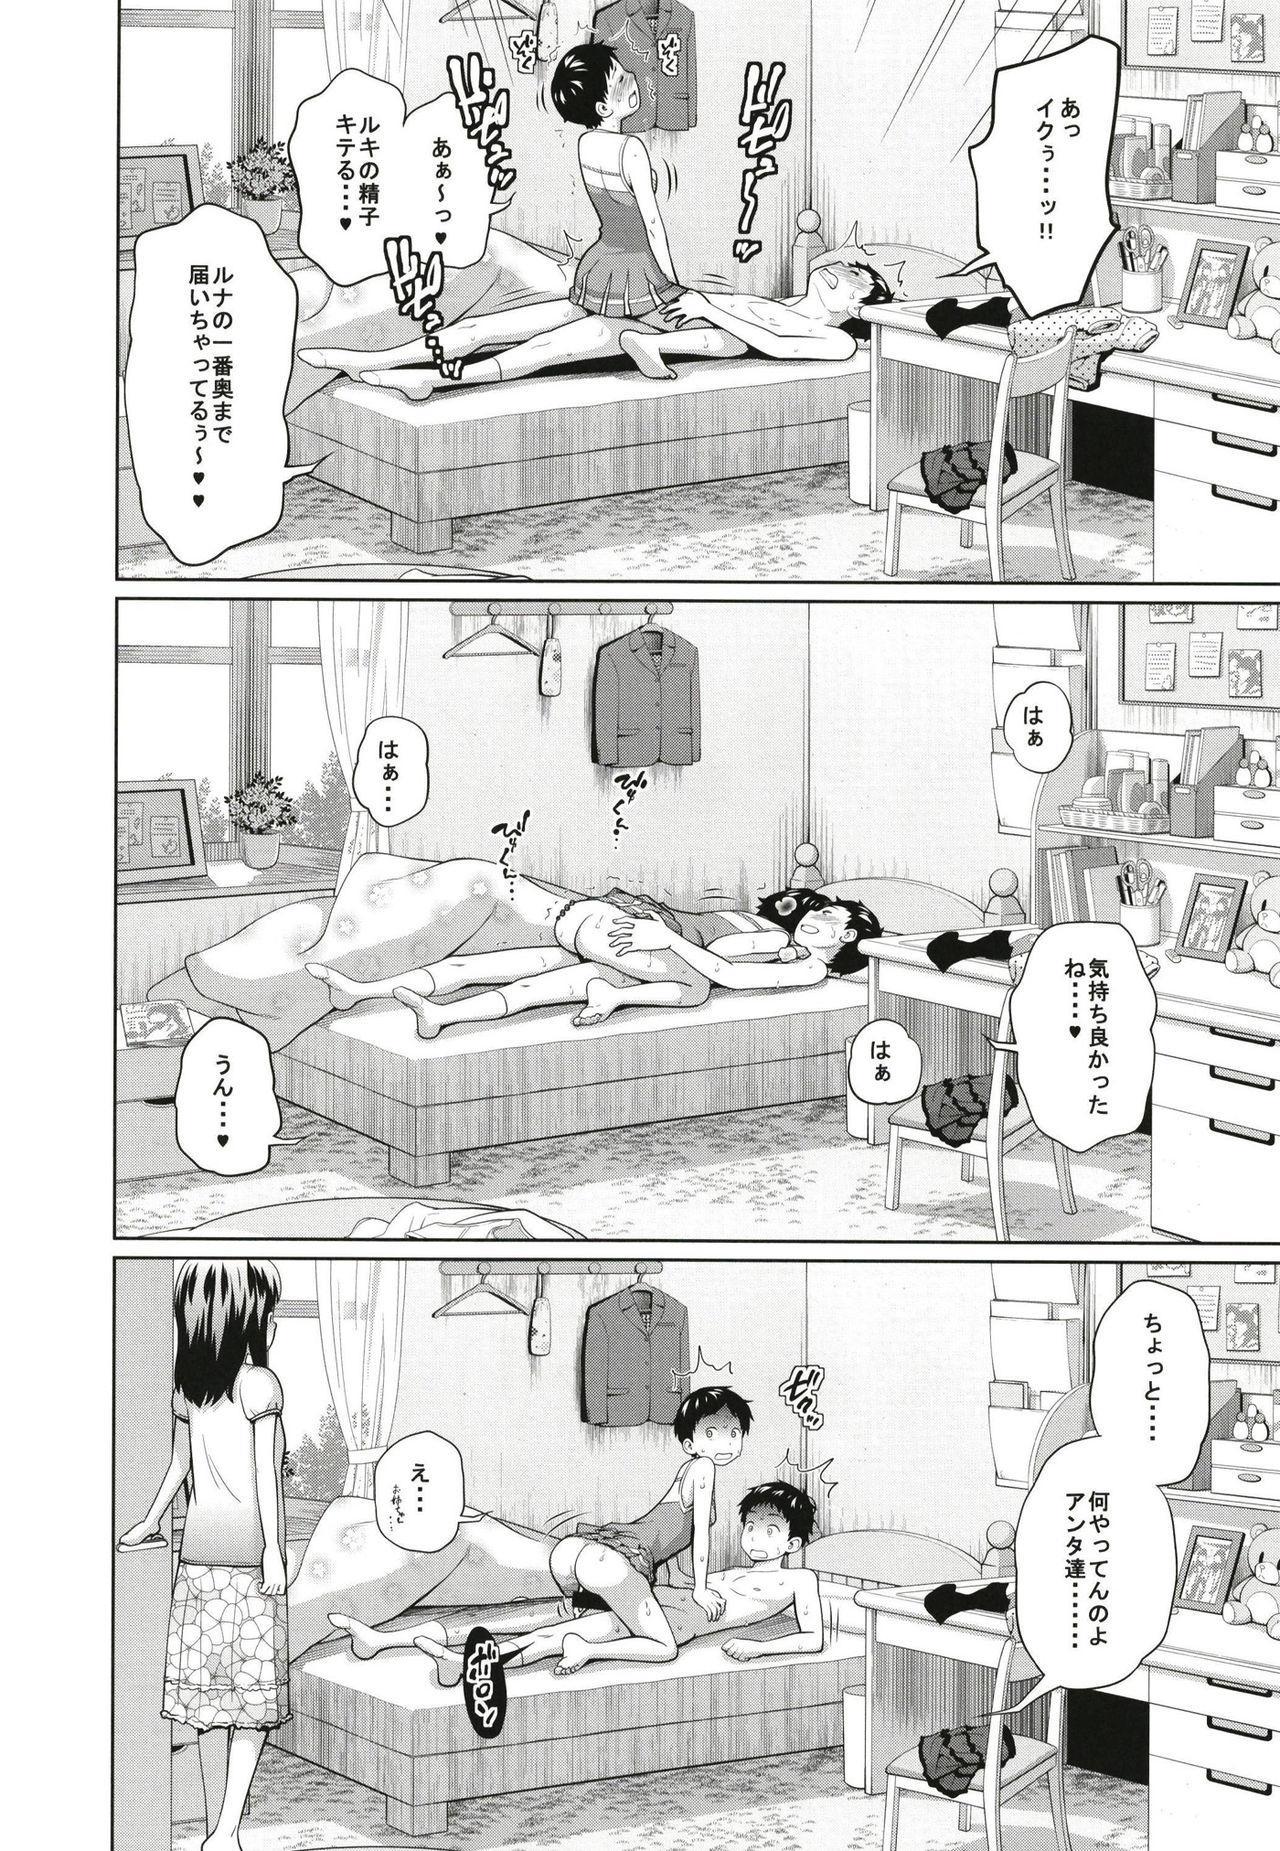 Kono Naka ni Kinshin Soukan Shiteiru Musume ga 3-nin Imasu #3 17